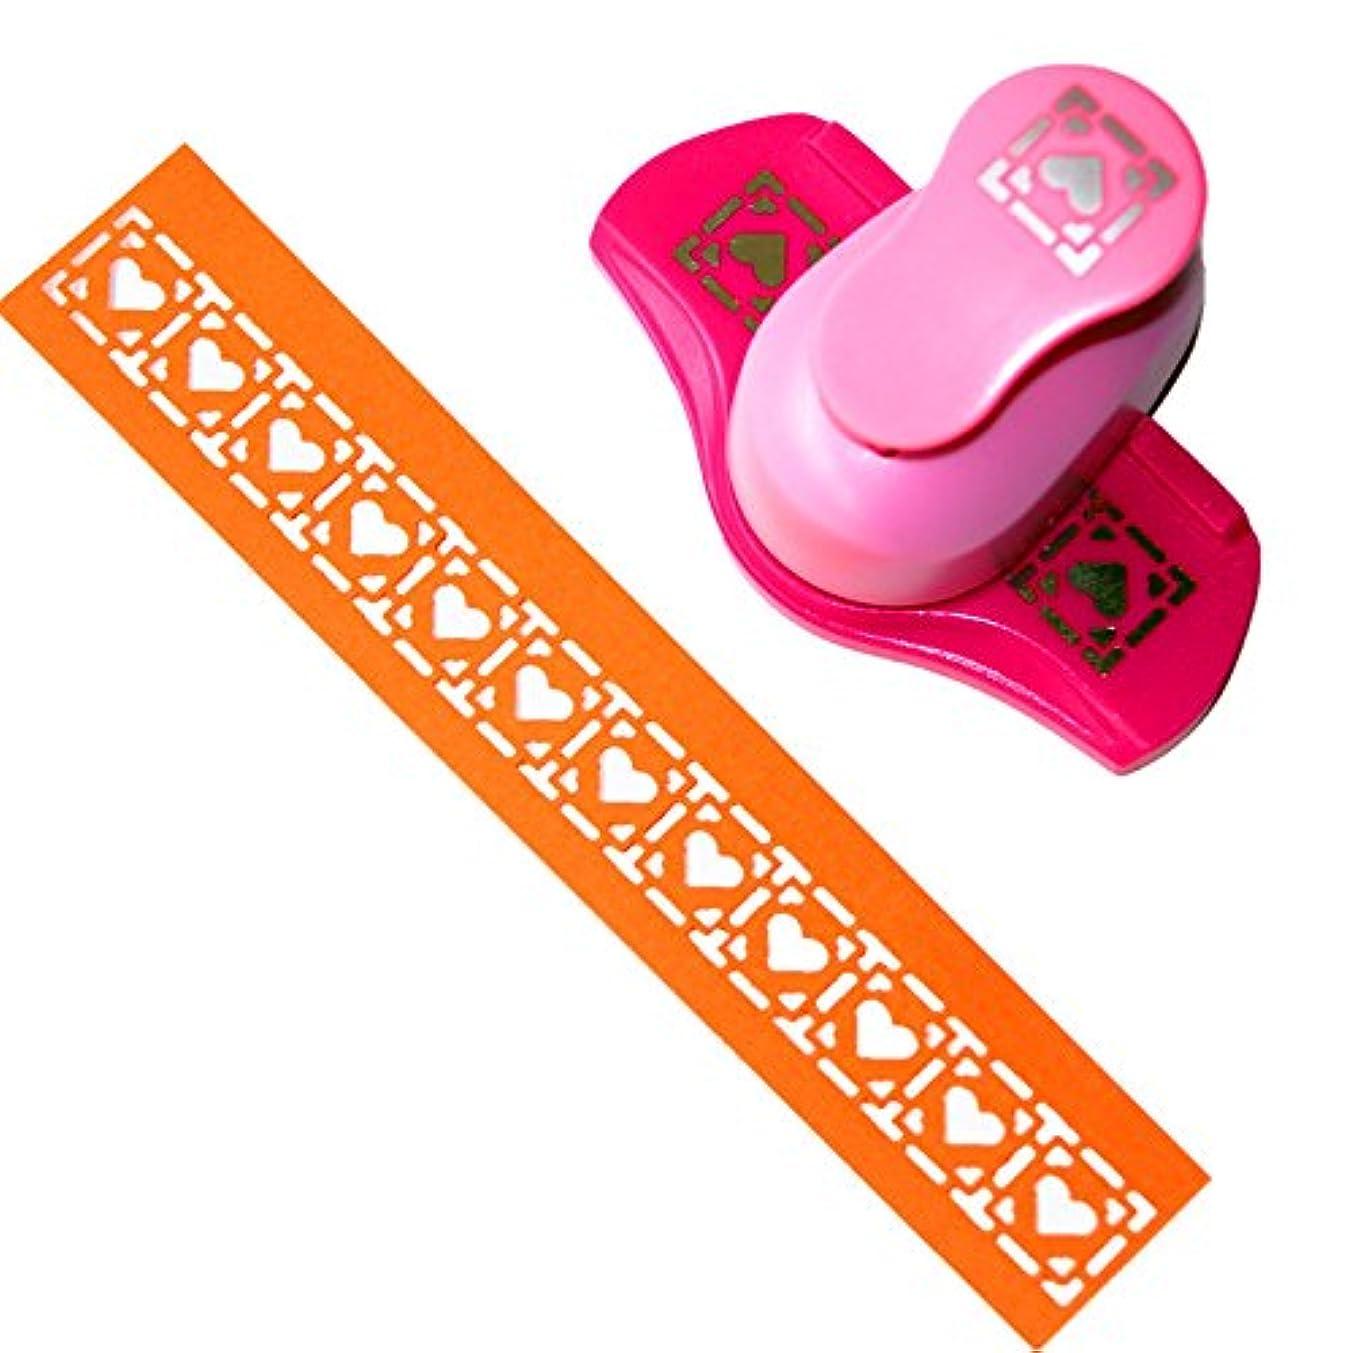 Kawendite Craft Punch Scroll Pattern Largr Tools Edge Paper Punch Craft Punch Scroll Pattern Largr Tools Edge Paper Punch (8)